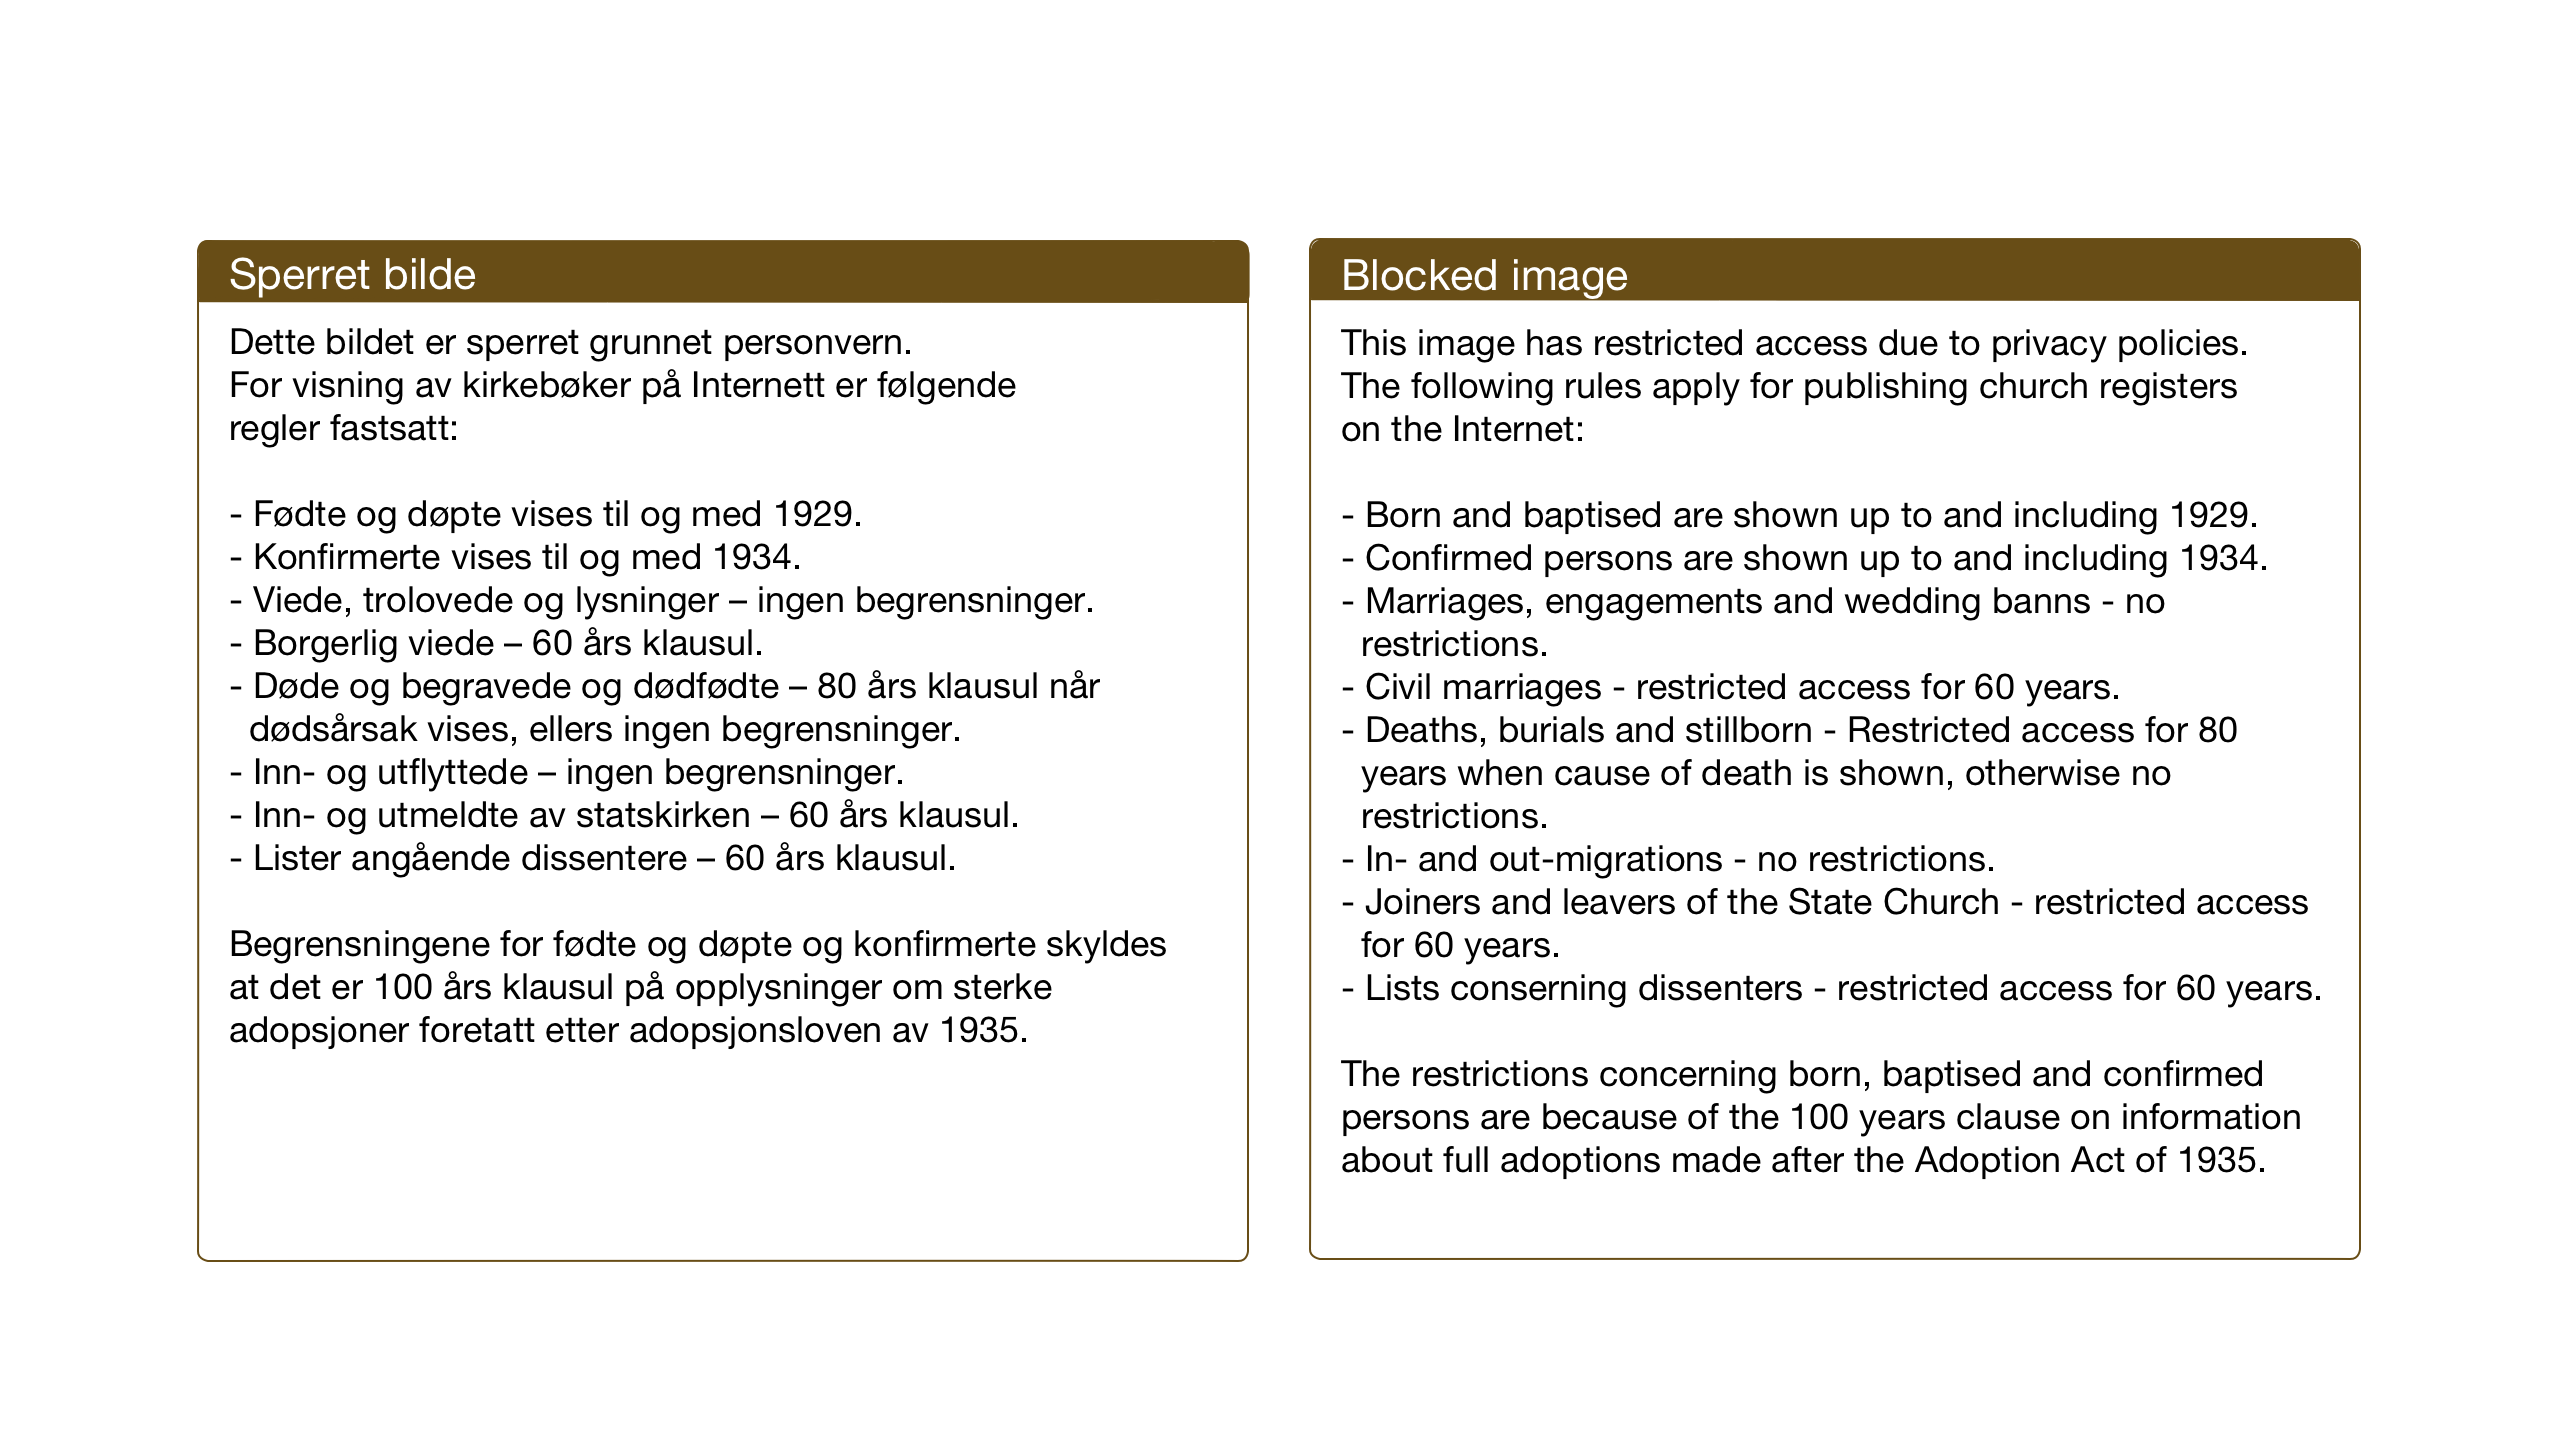 SAT, Ministerialprotokoller, klokkerbøker og fødselsregistre - Nord-Trøndelag, 712/L0104: Klokkerbok nr. 712C02, 1917-1939, s. 135